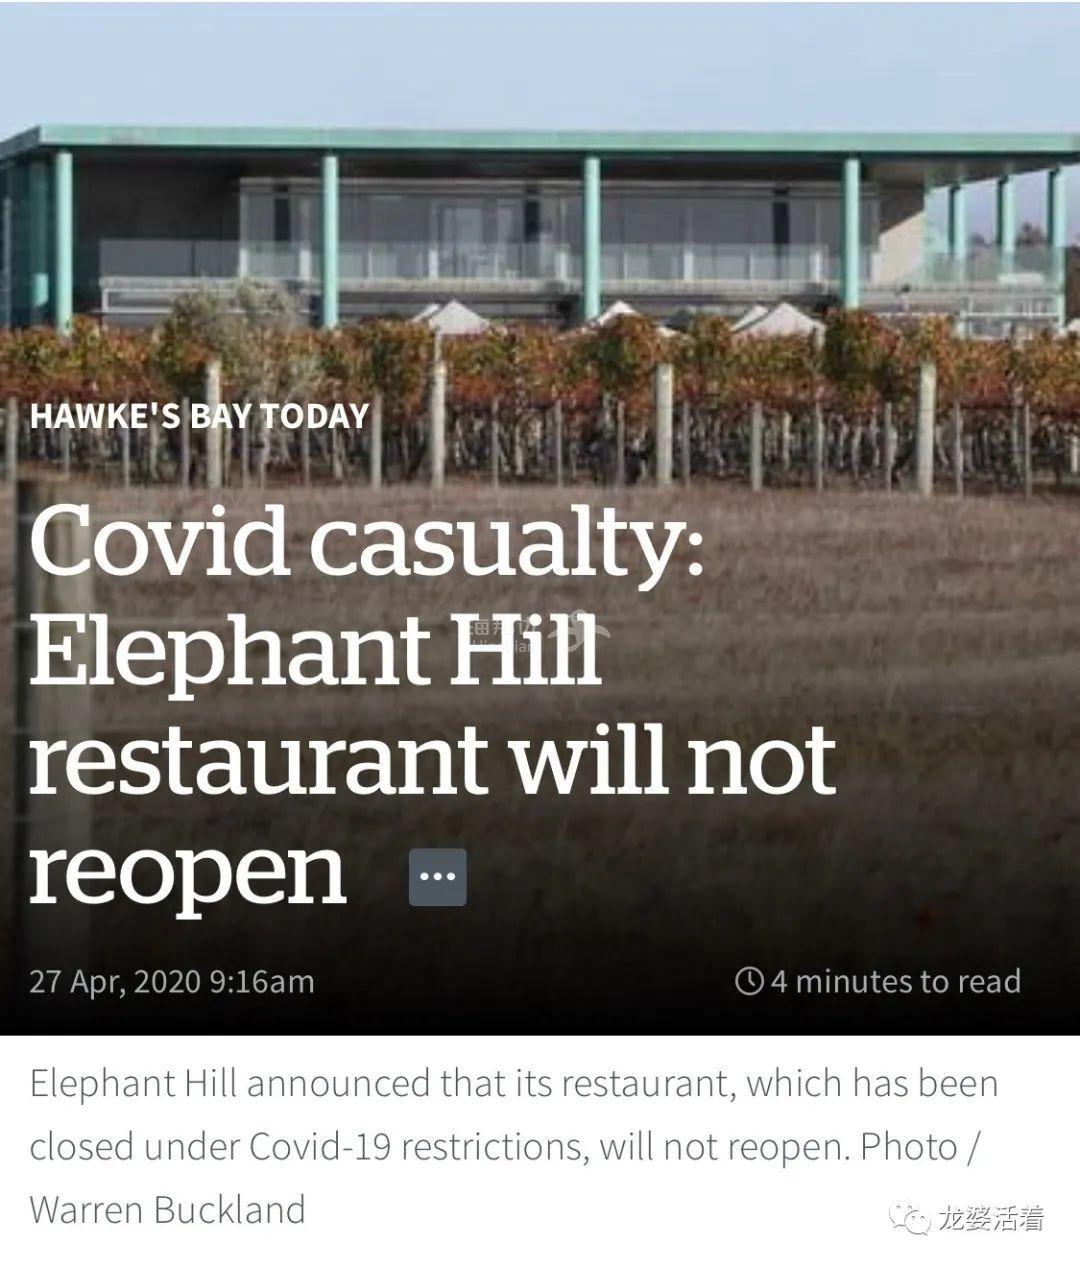 【新西兰】疫情下封国禁足,'贵妇'也没能挺住......Elephant Hill